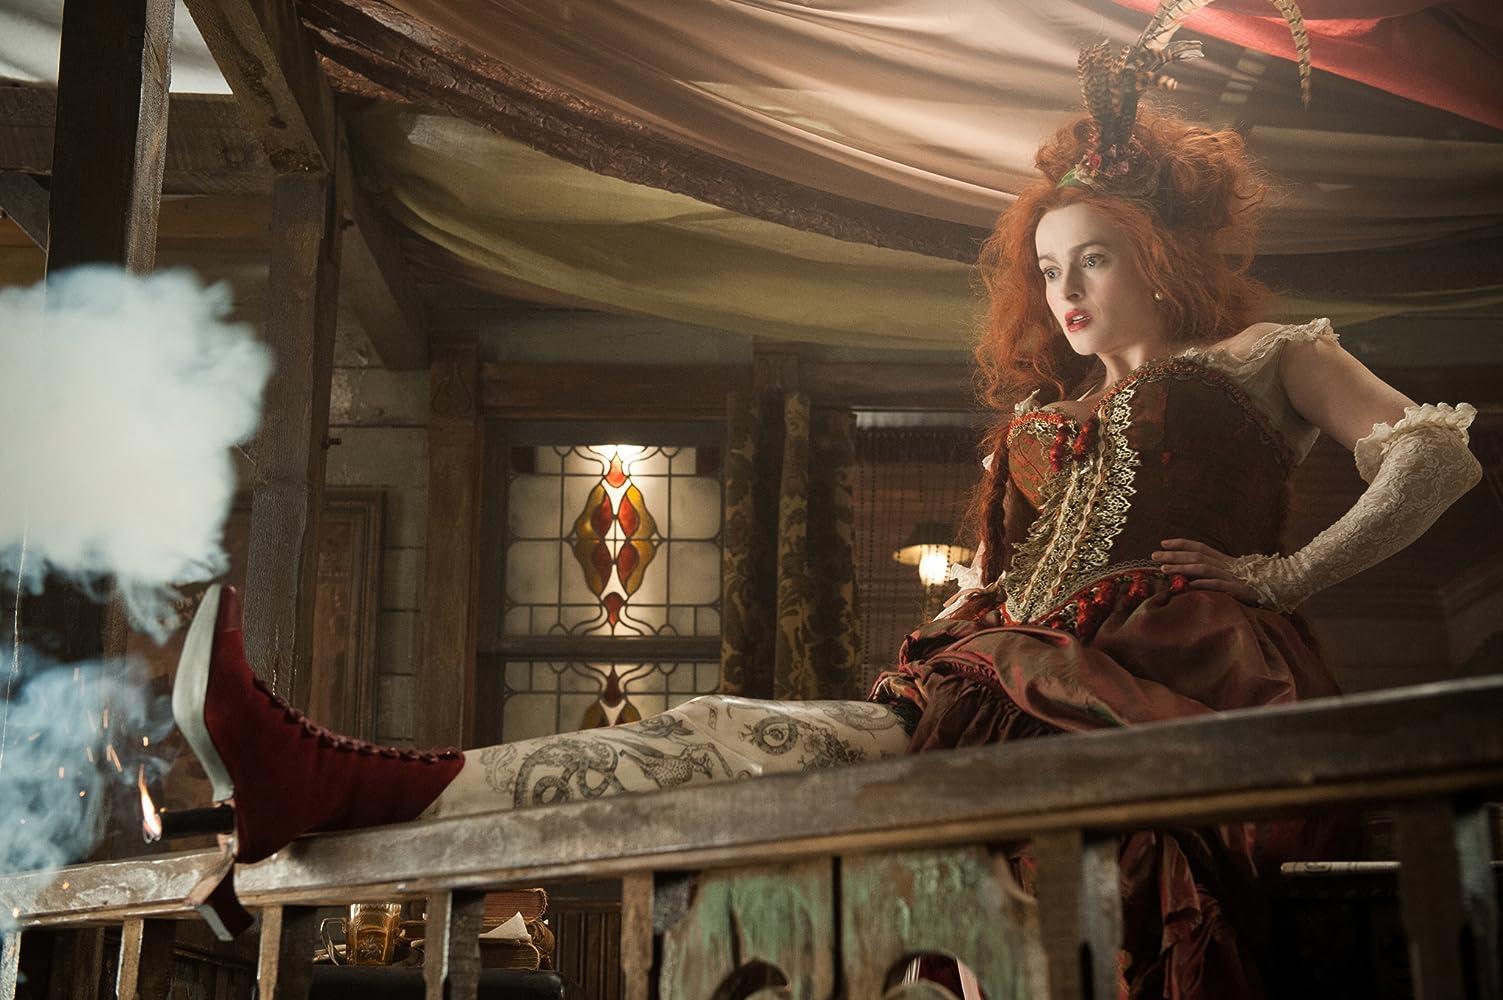 Helena Bonham Carter in The Lone Ranger (2013)